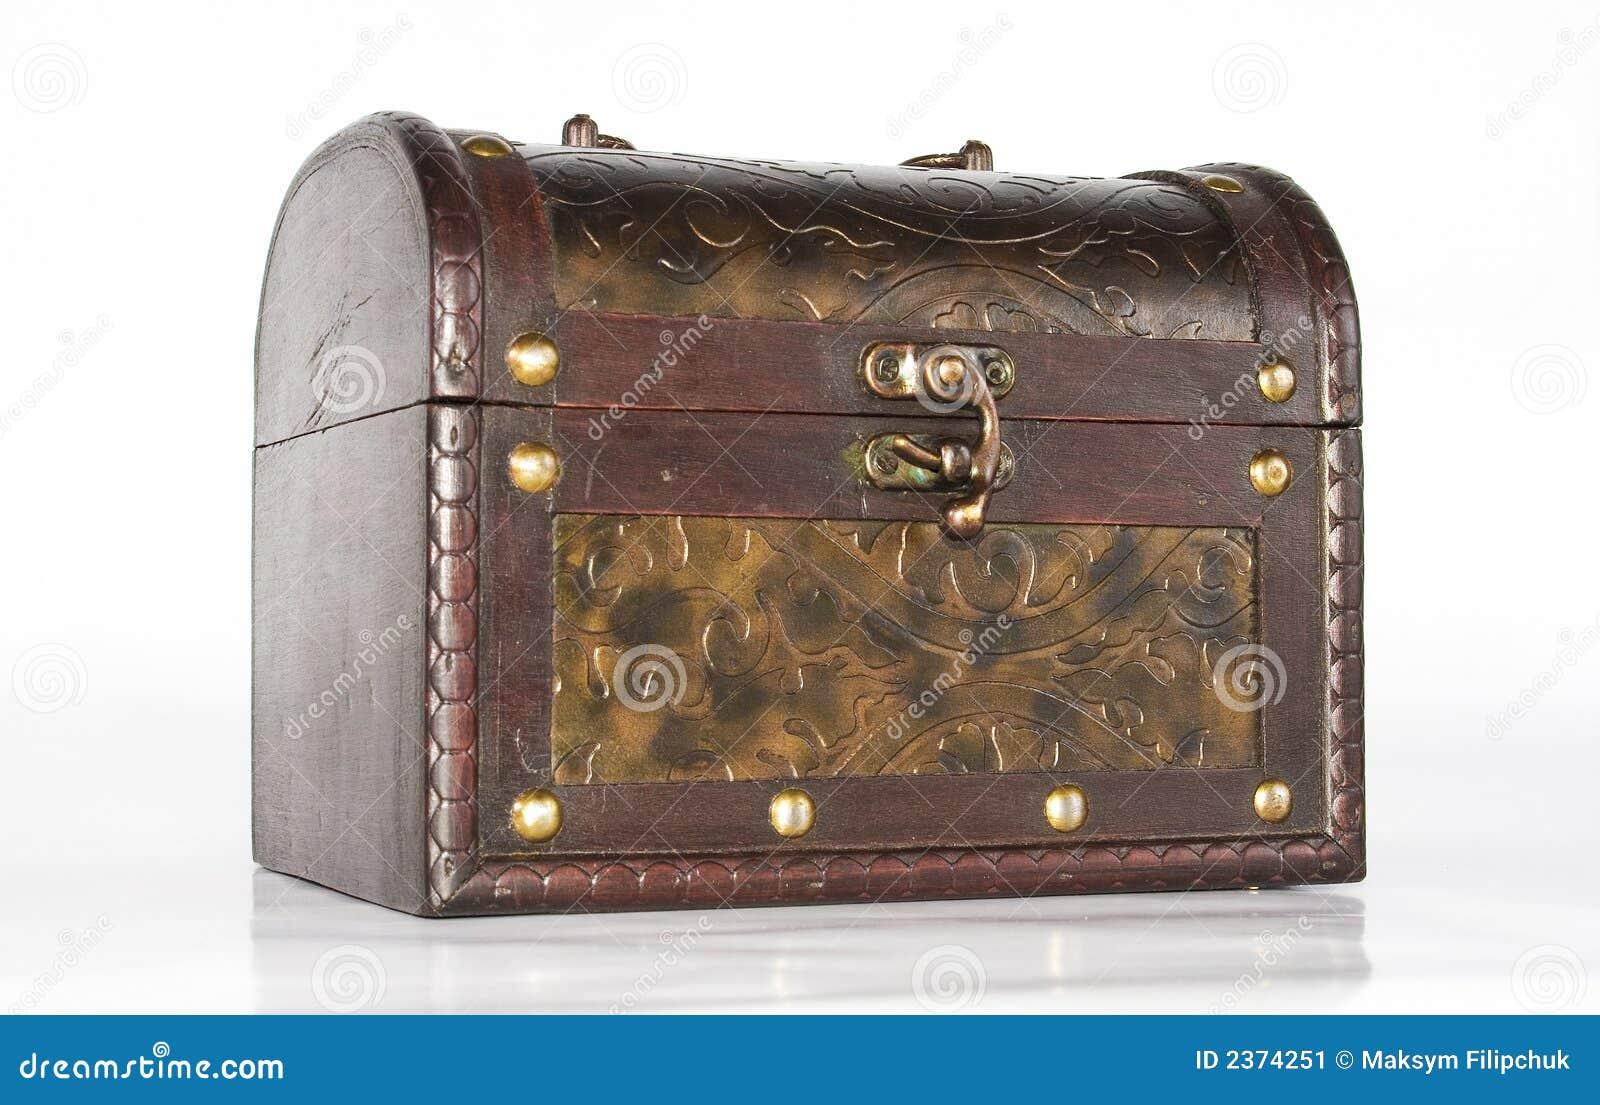 Antieke Kist Stock Afbeelding   Beeld  2374251